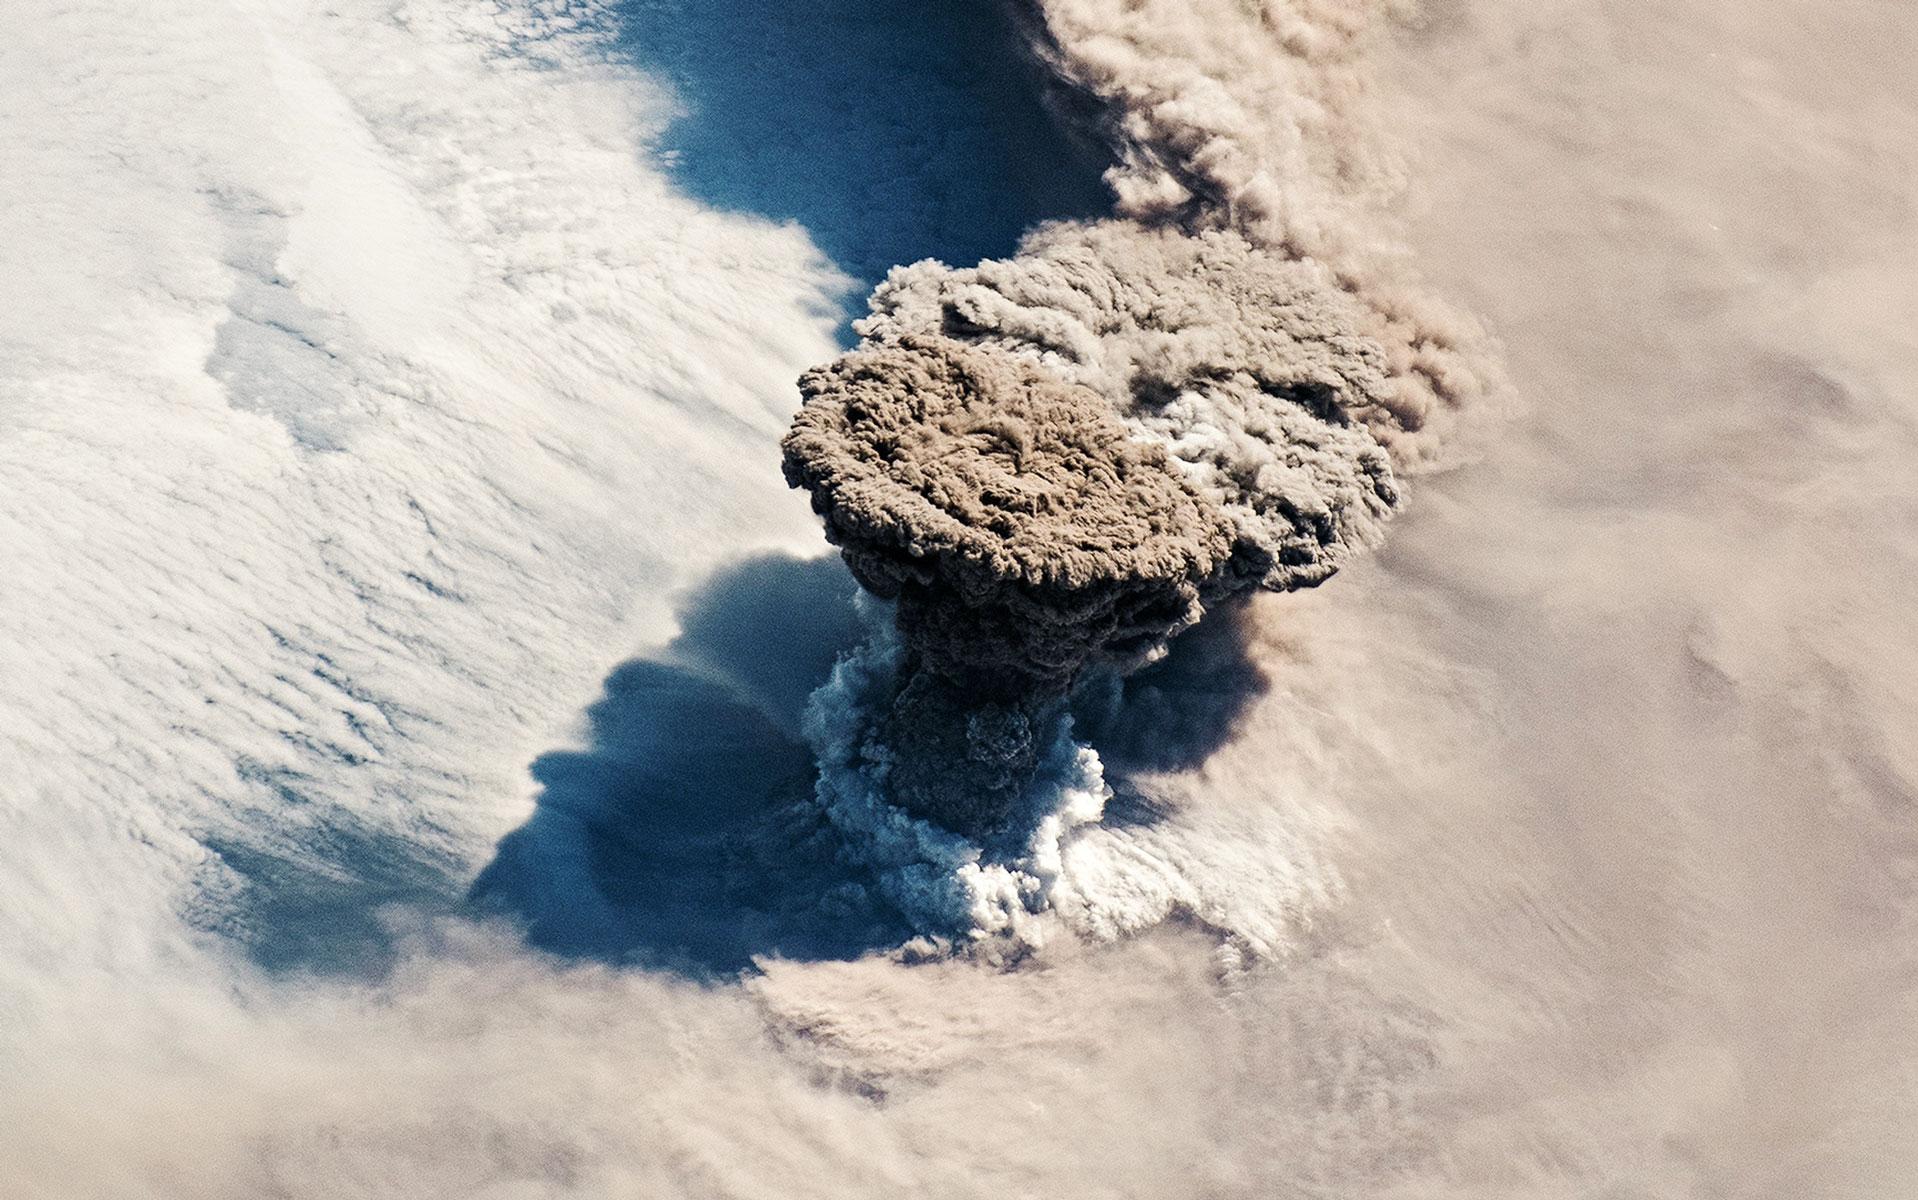 Астронавты наборту Международной космической станции засняли извержение вулкана Райкоке вцентральных Курилах. Во время первого извержения за100 лет вулкан уничтожил все живое нанебольшом одноименном острове всистеме Курильских островов